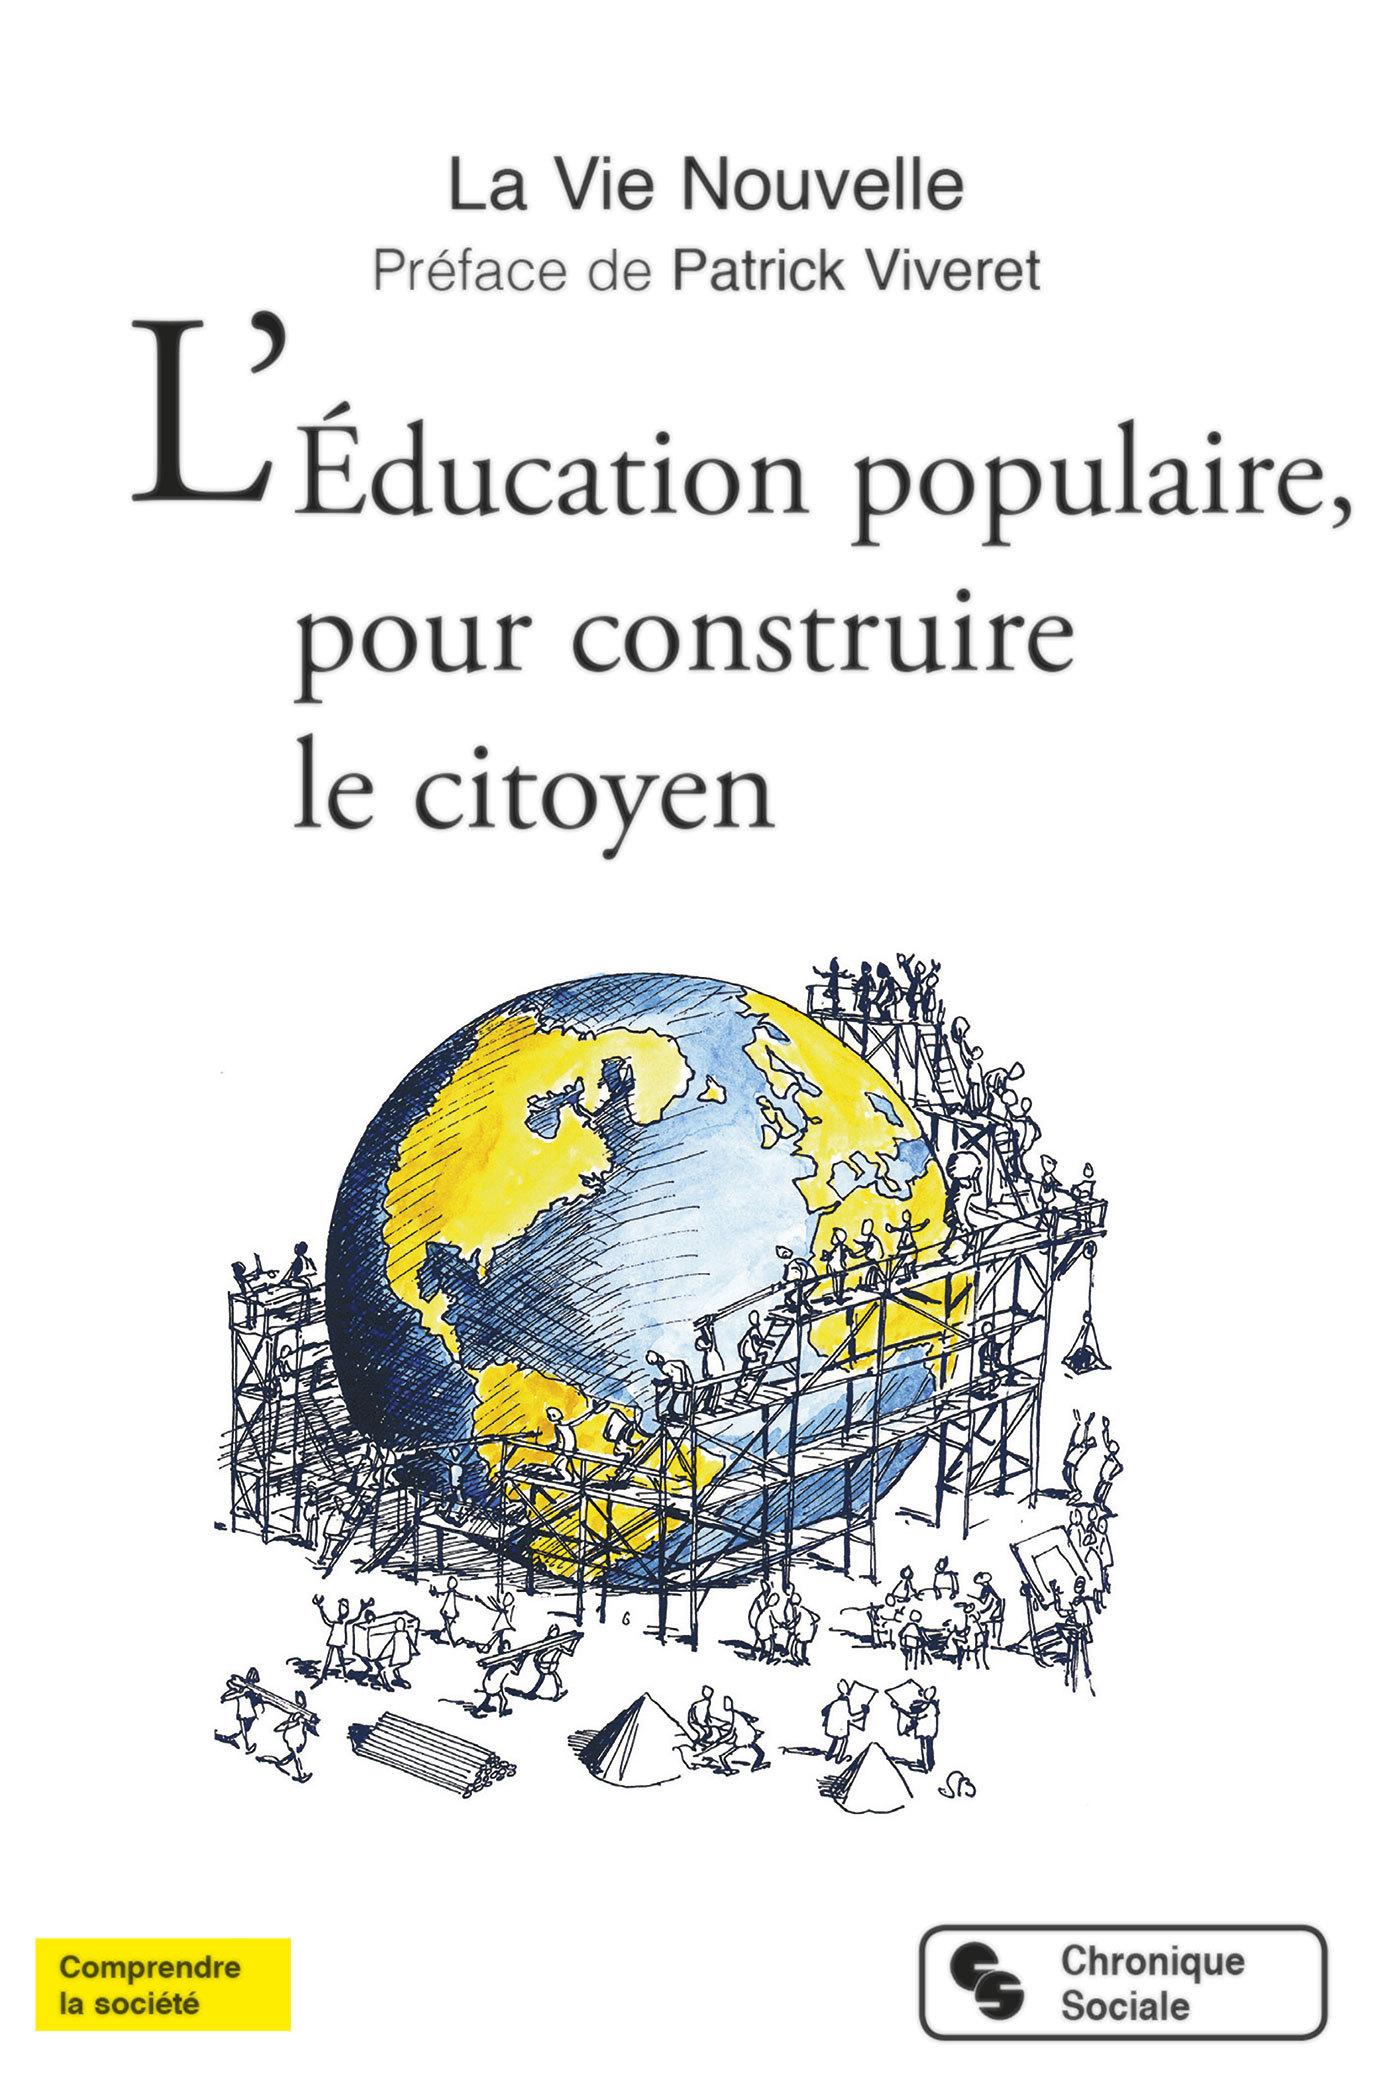 EDUCATION POPULAIRE, POUR CONSTRUIRE LE CITOYEN